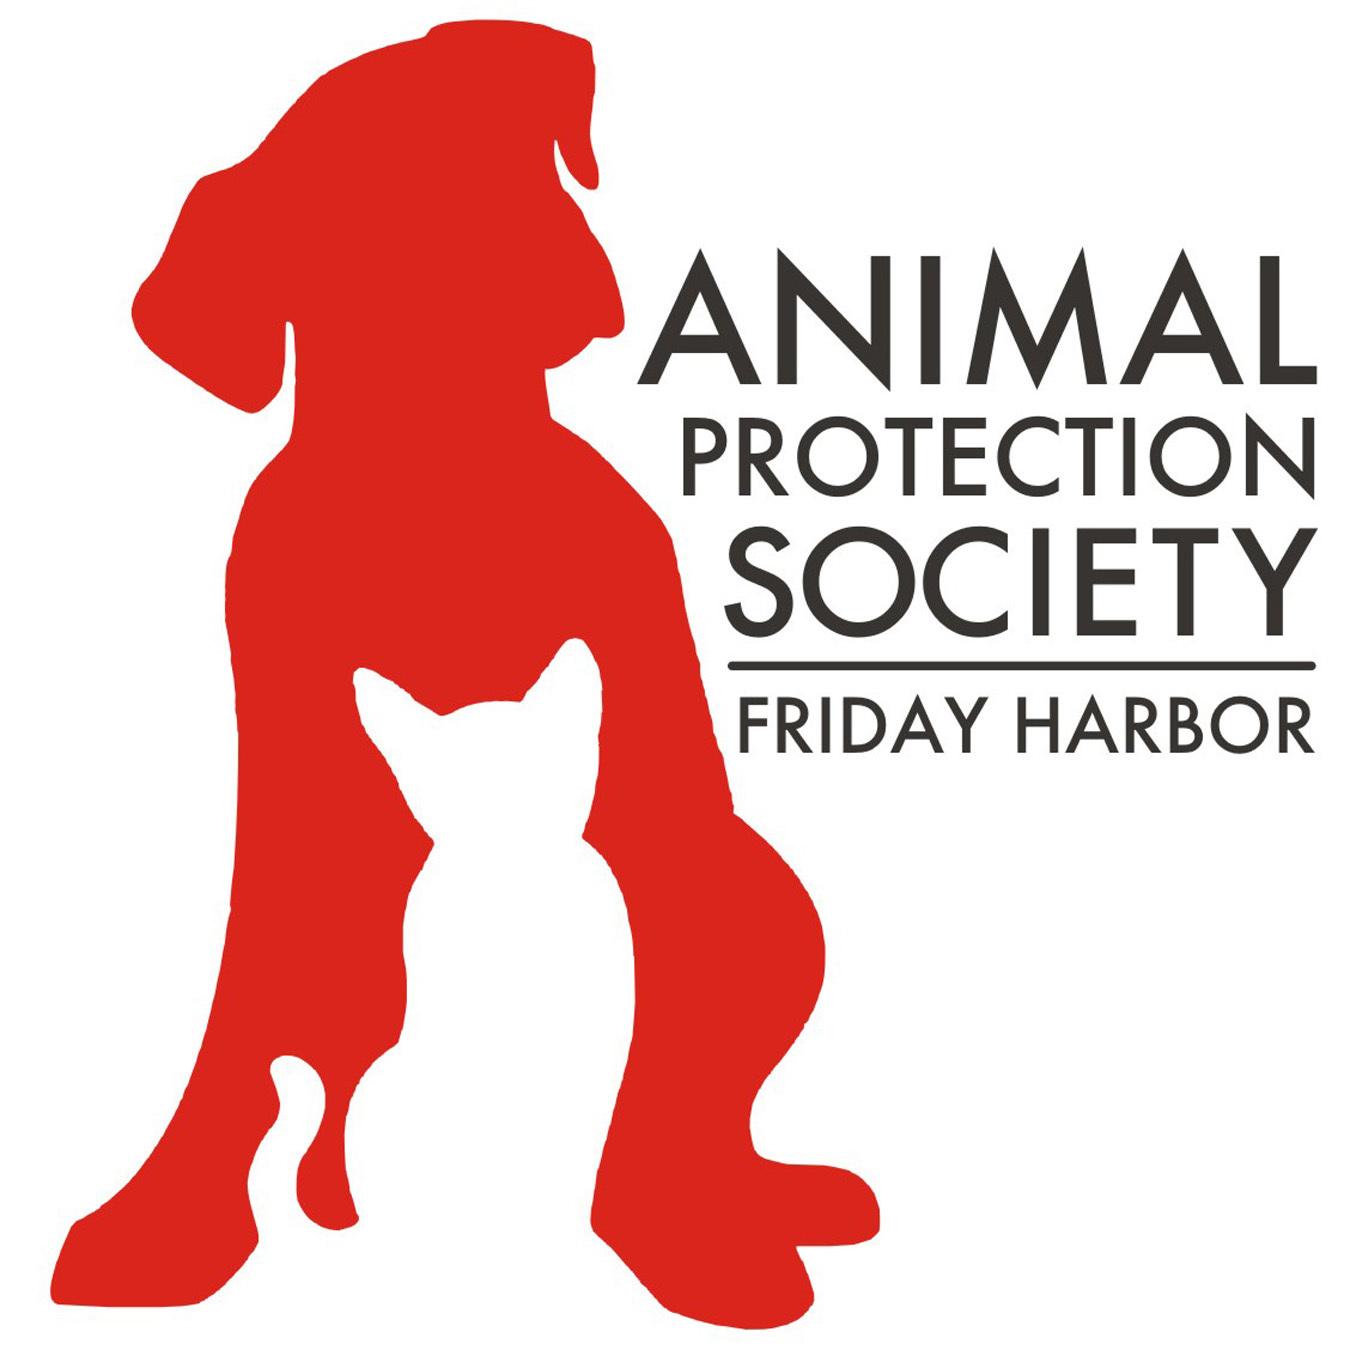 Animal Protection Society - Friday Harbor